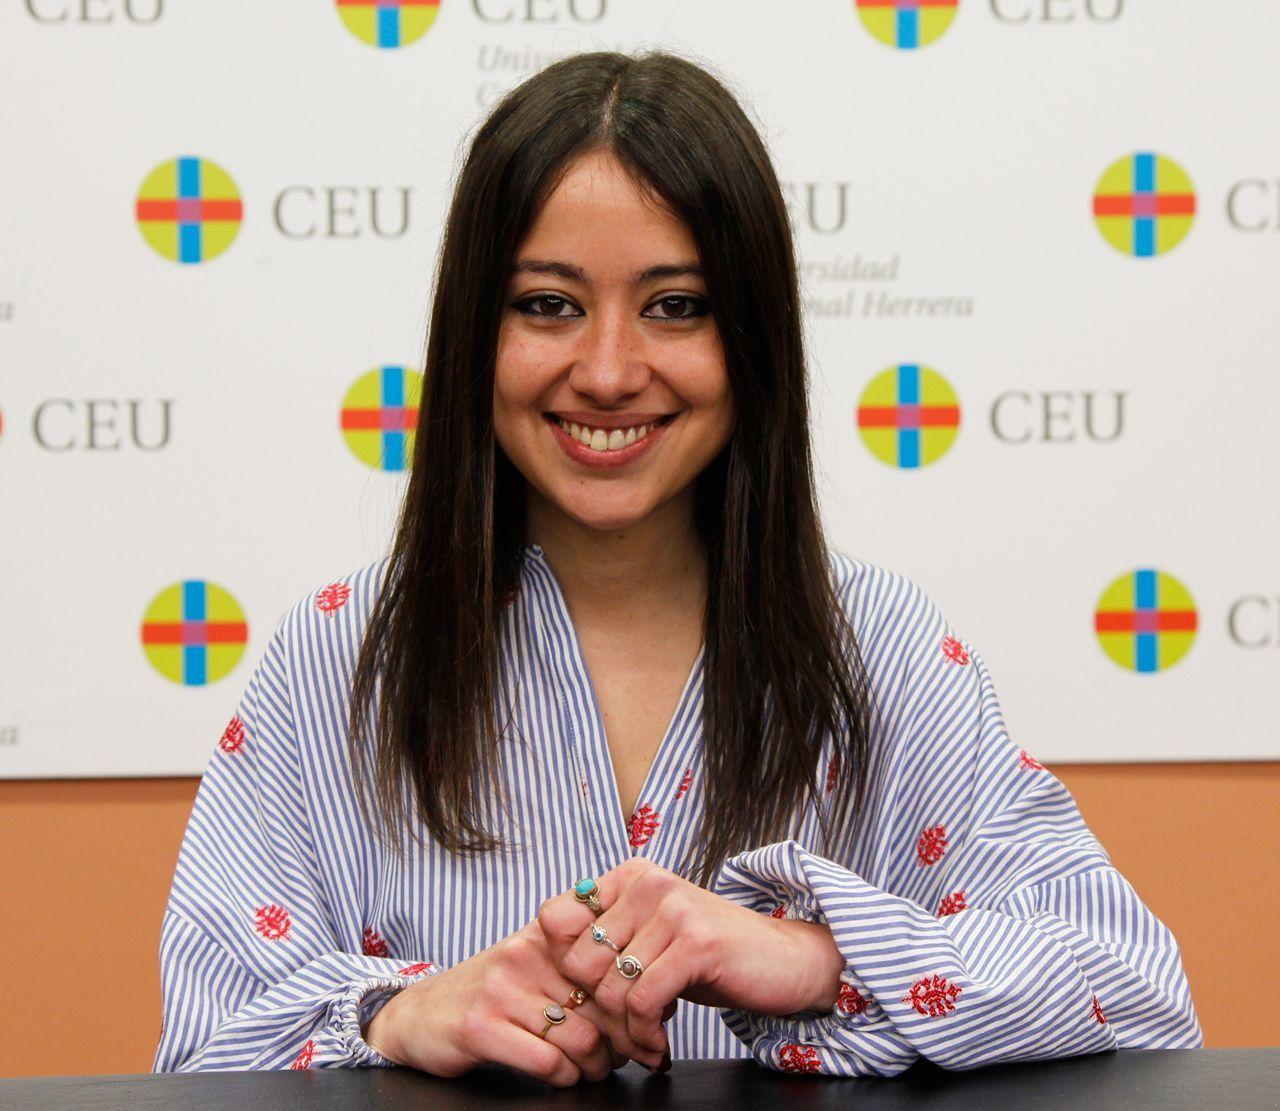 Tatiana Sirera es antigua alumna de la Universidad CEU UCH